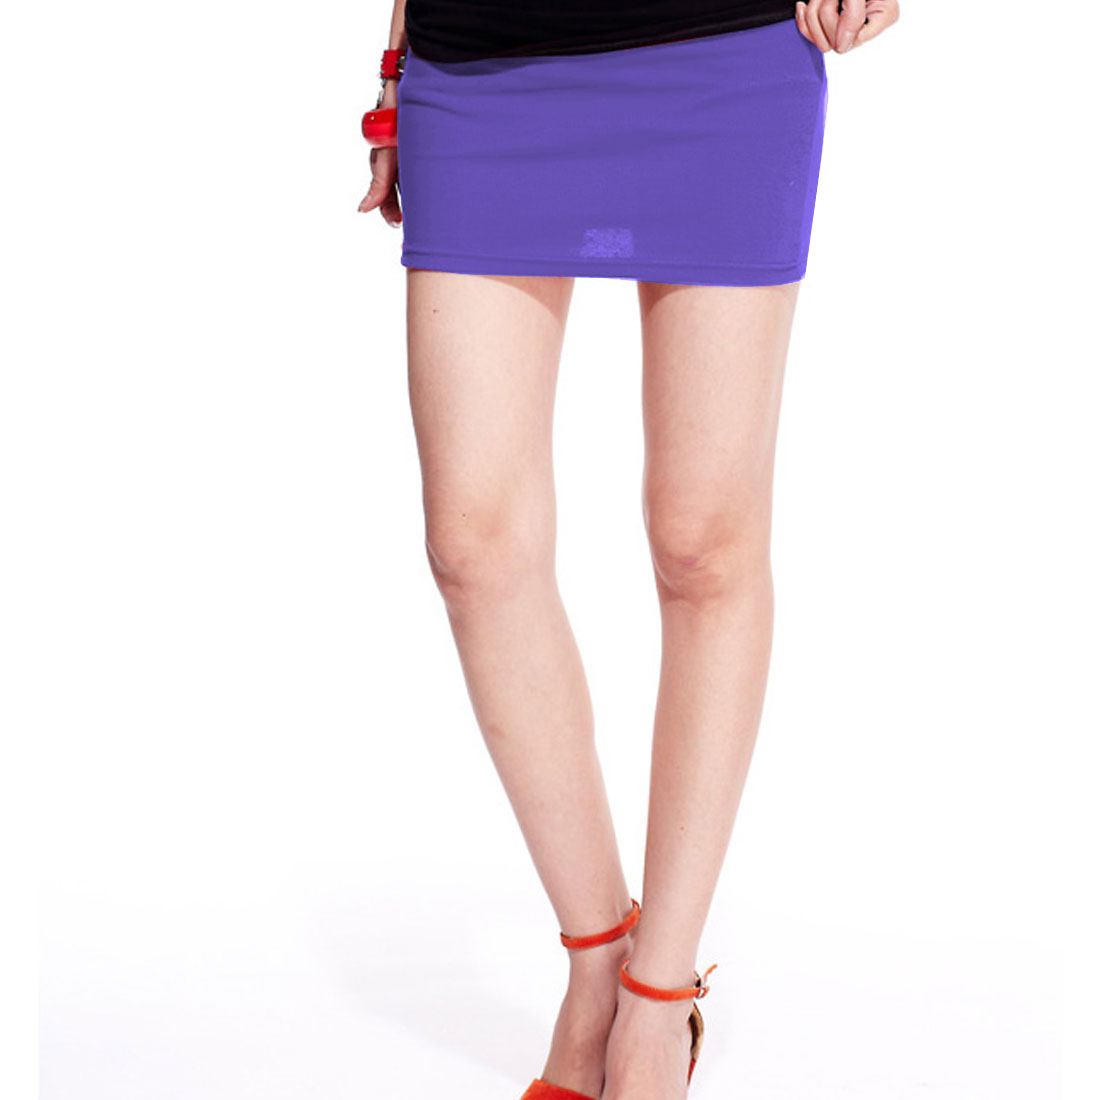 Ladies Elastic Waistline Close-Fitting Straight Mini Skirt Purple XS